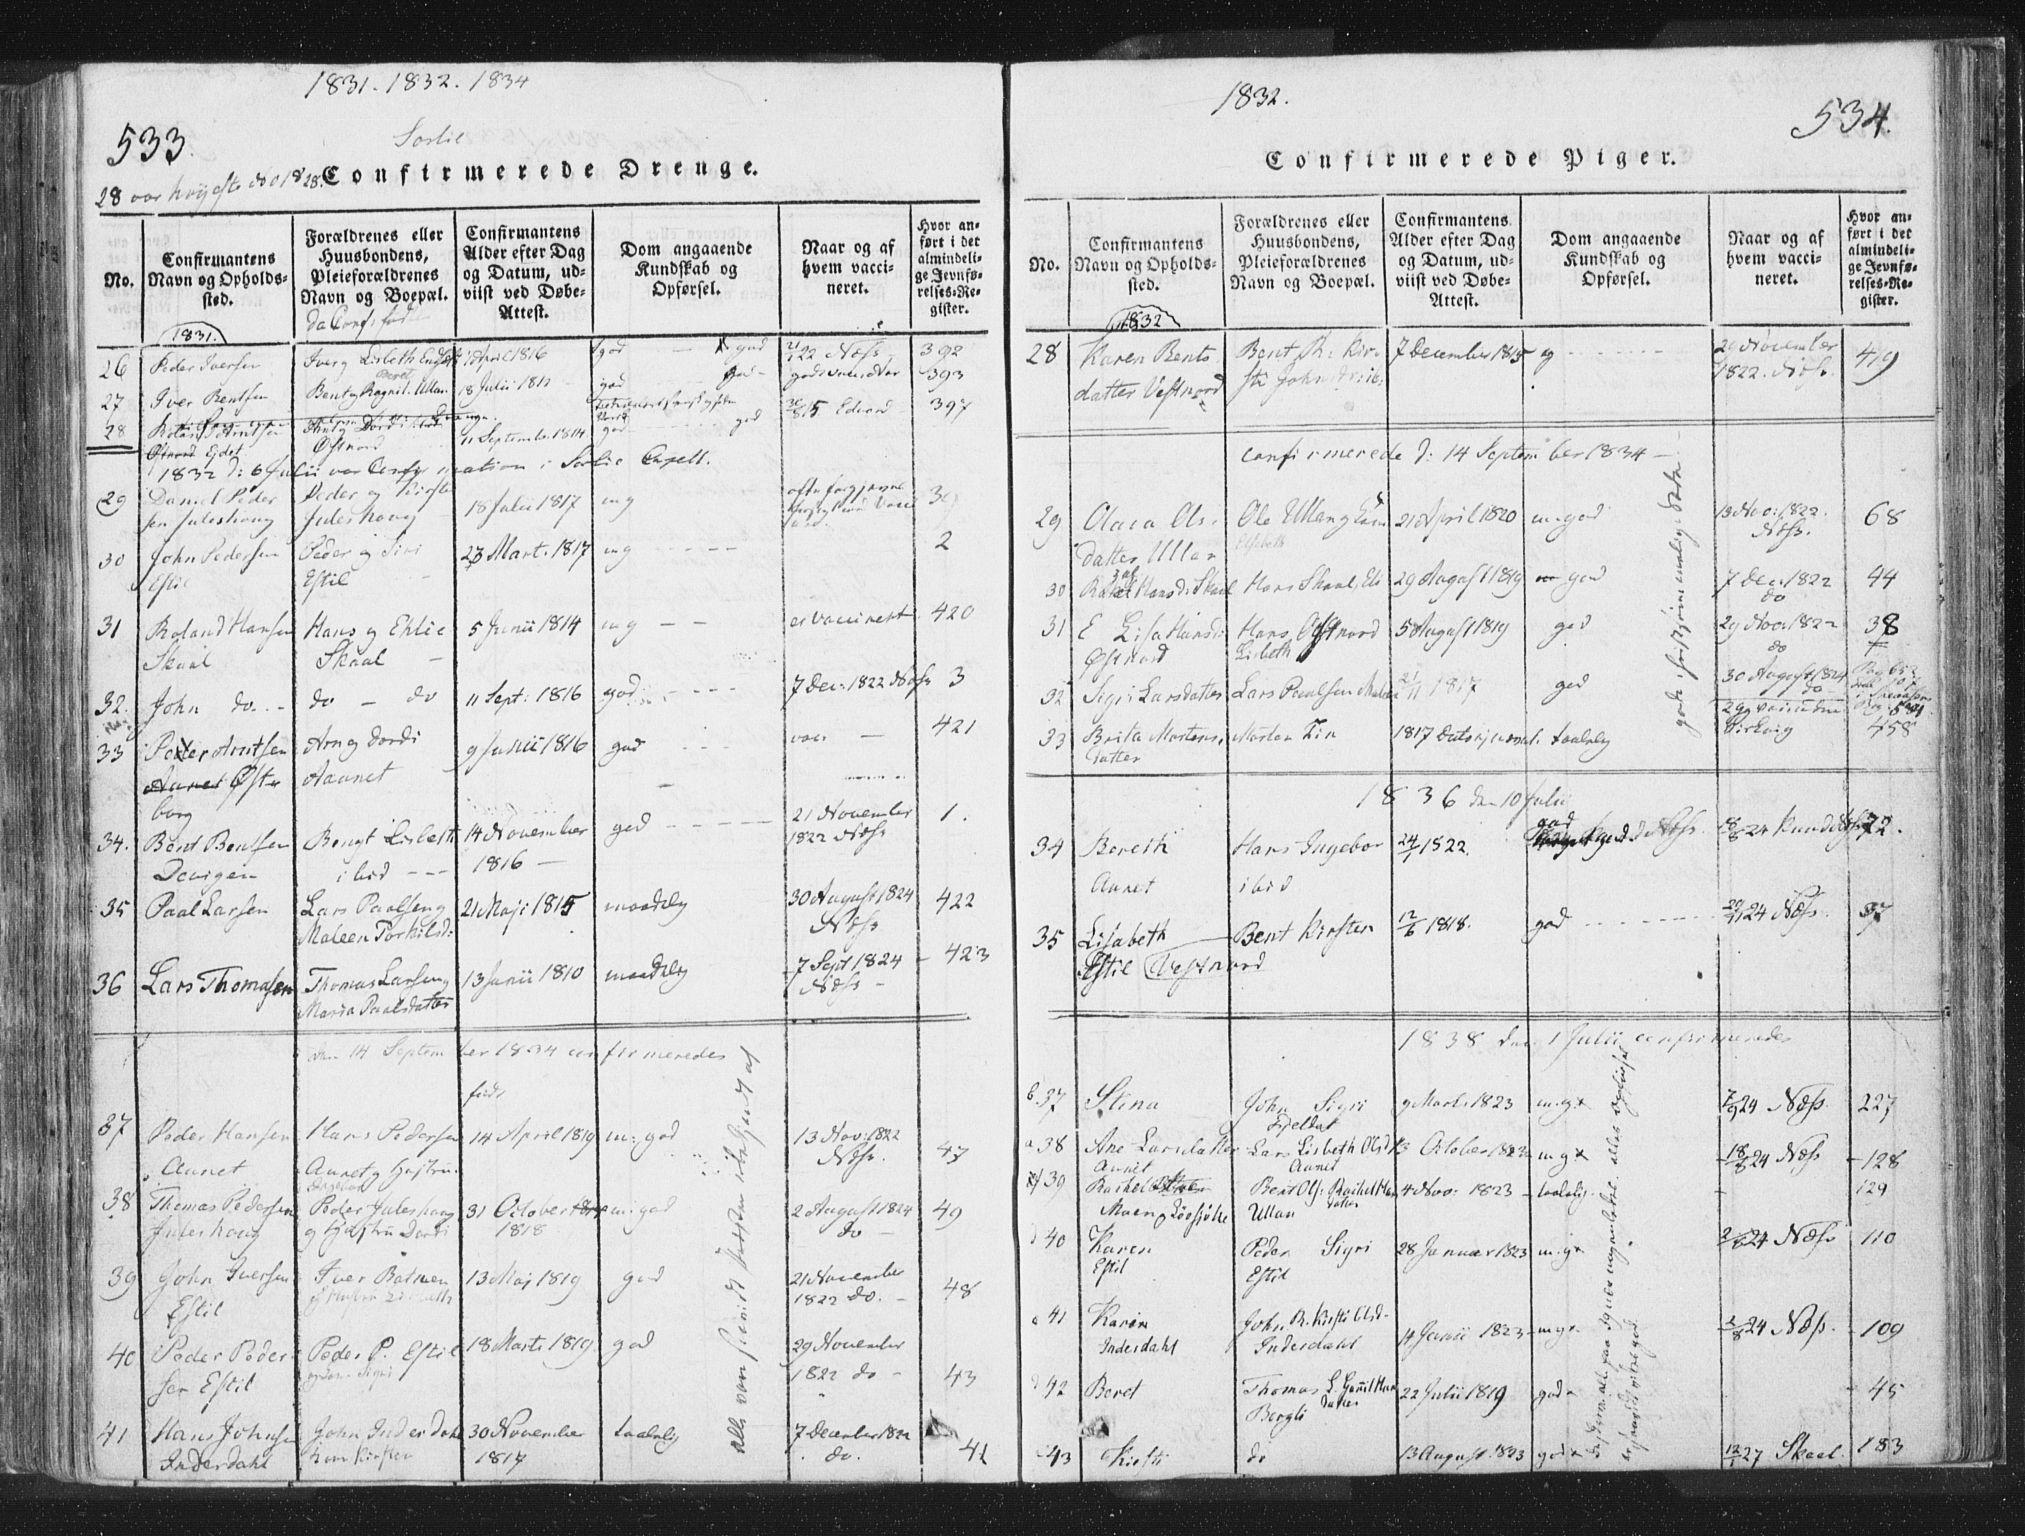 SAT, Ministerialprotokoller, klokkerbøker og fødselsregistre - Nord-Trøndelag, 755/L0491: Ministerialbok nr. 755A01 /2, 1817-1864, s. 533-534